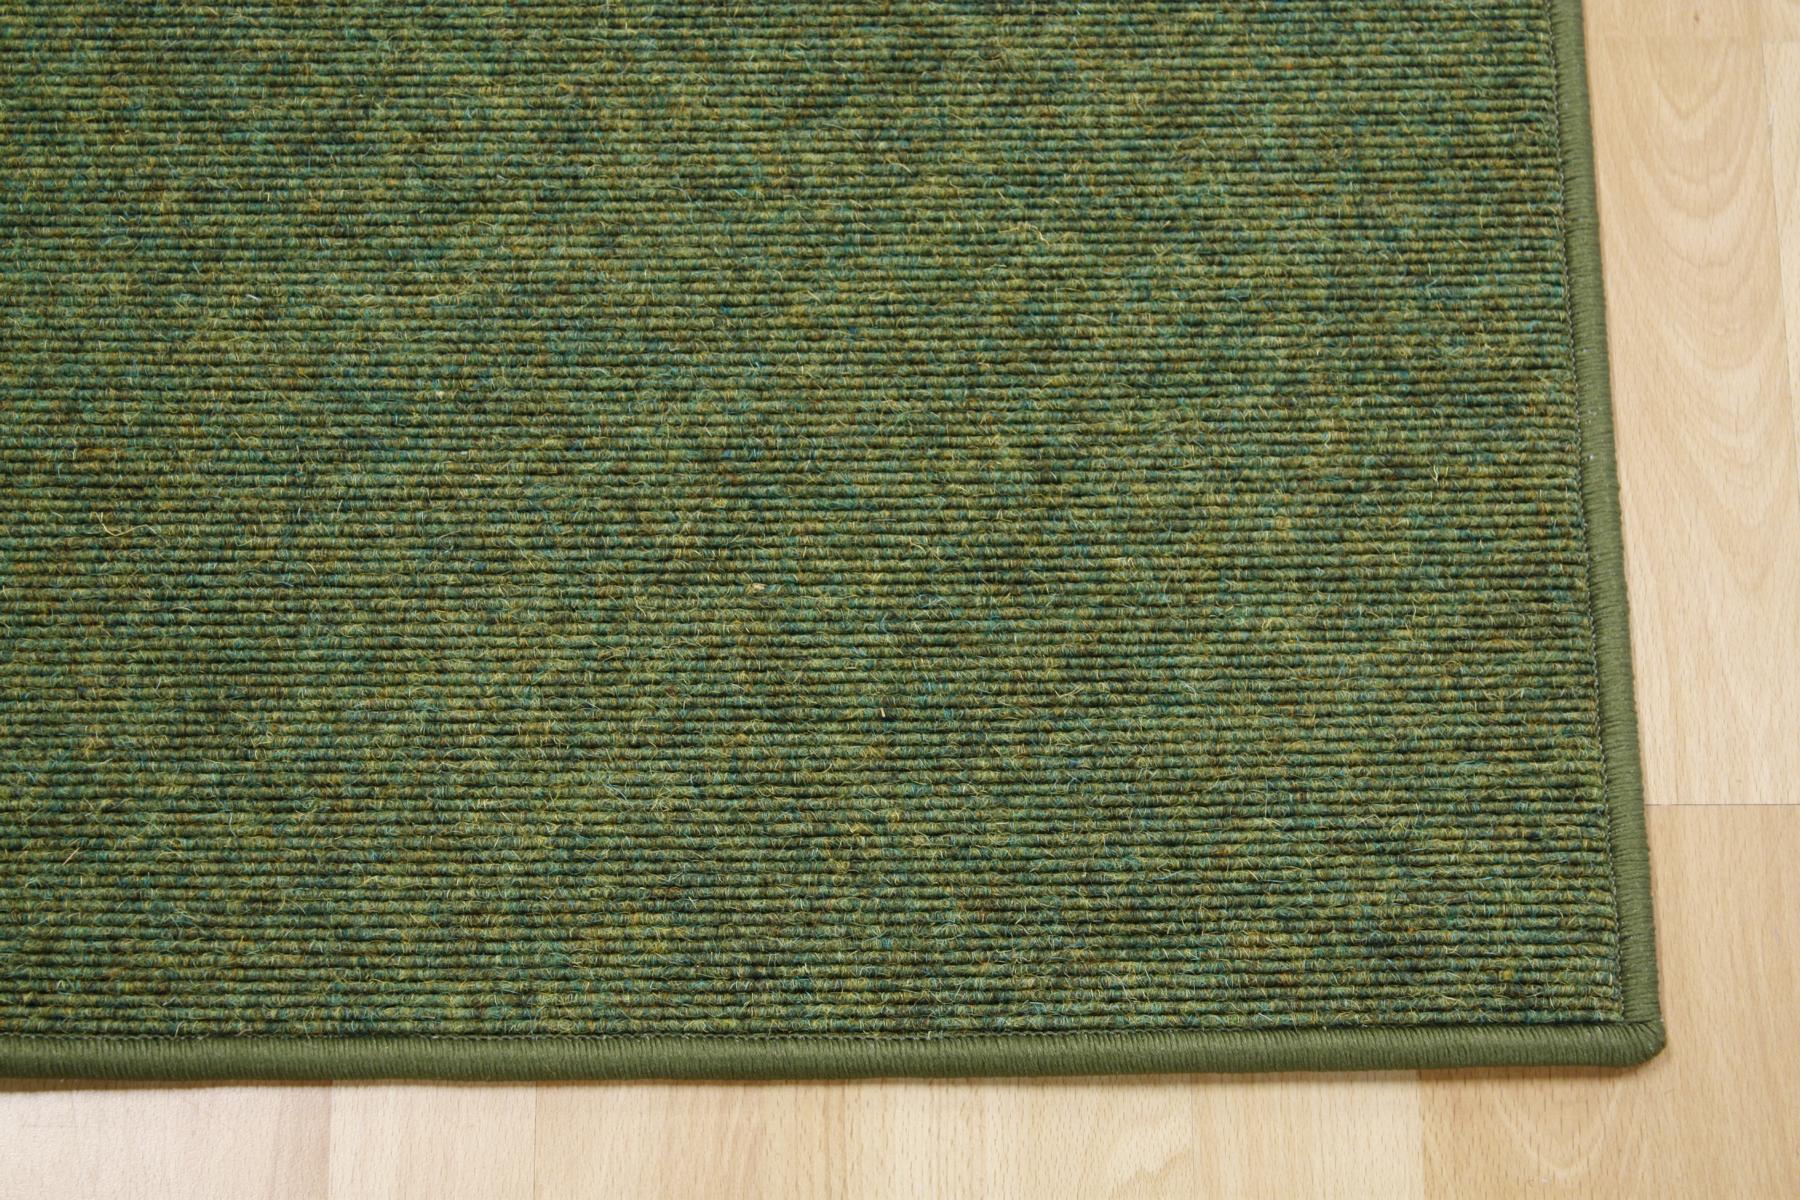 teppich tretford 556 umkettelt 150 x 200 cm ziegenhaar interland ebay. Black Bedroom Furniture Sets. Home Design Ideas